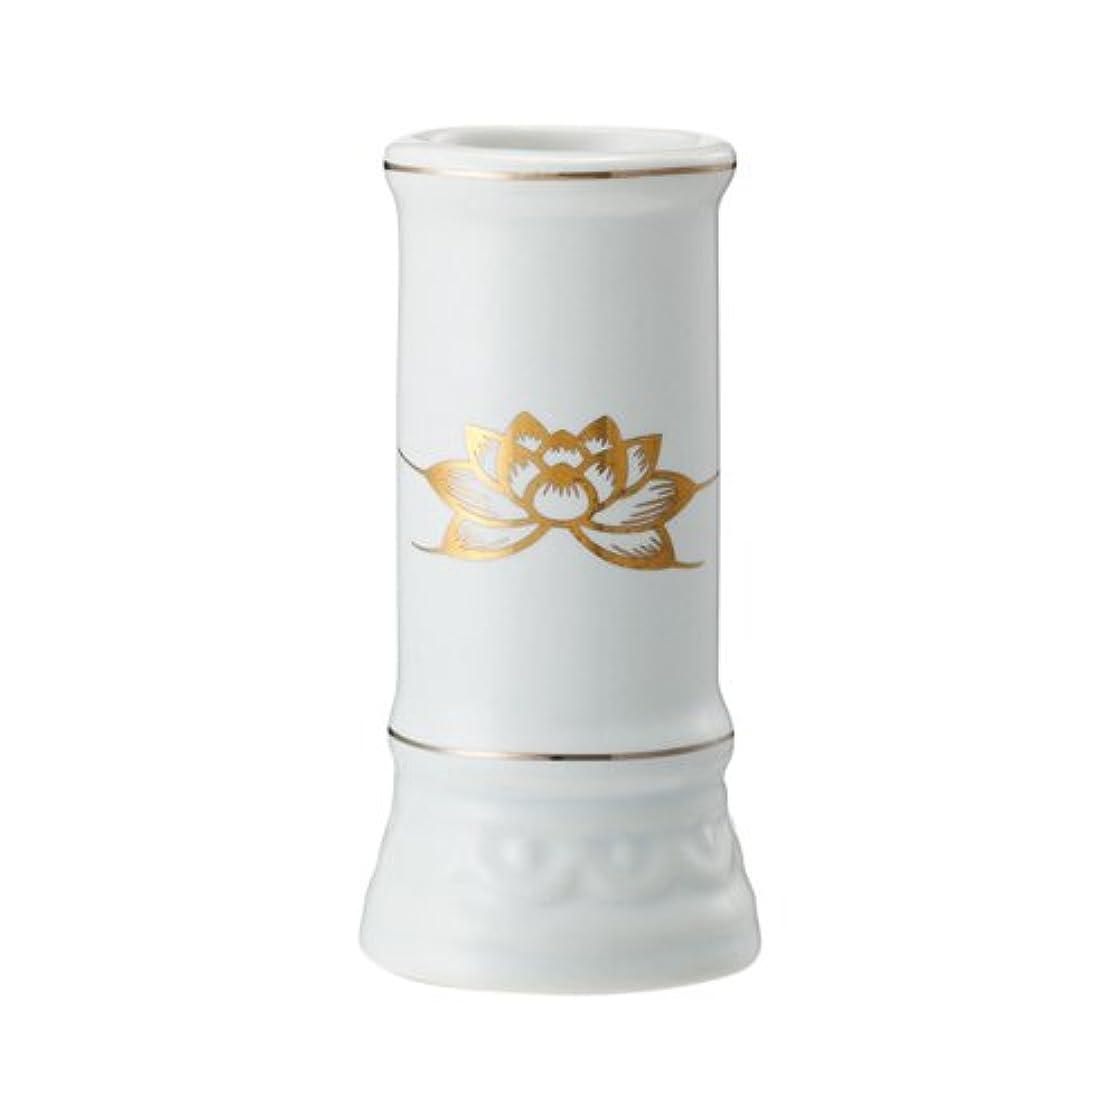 通知する自分自身贅沢な日本香堂 線香立て ミニ陶器白磁